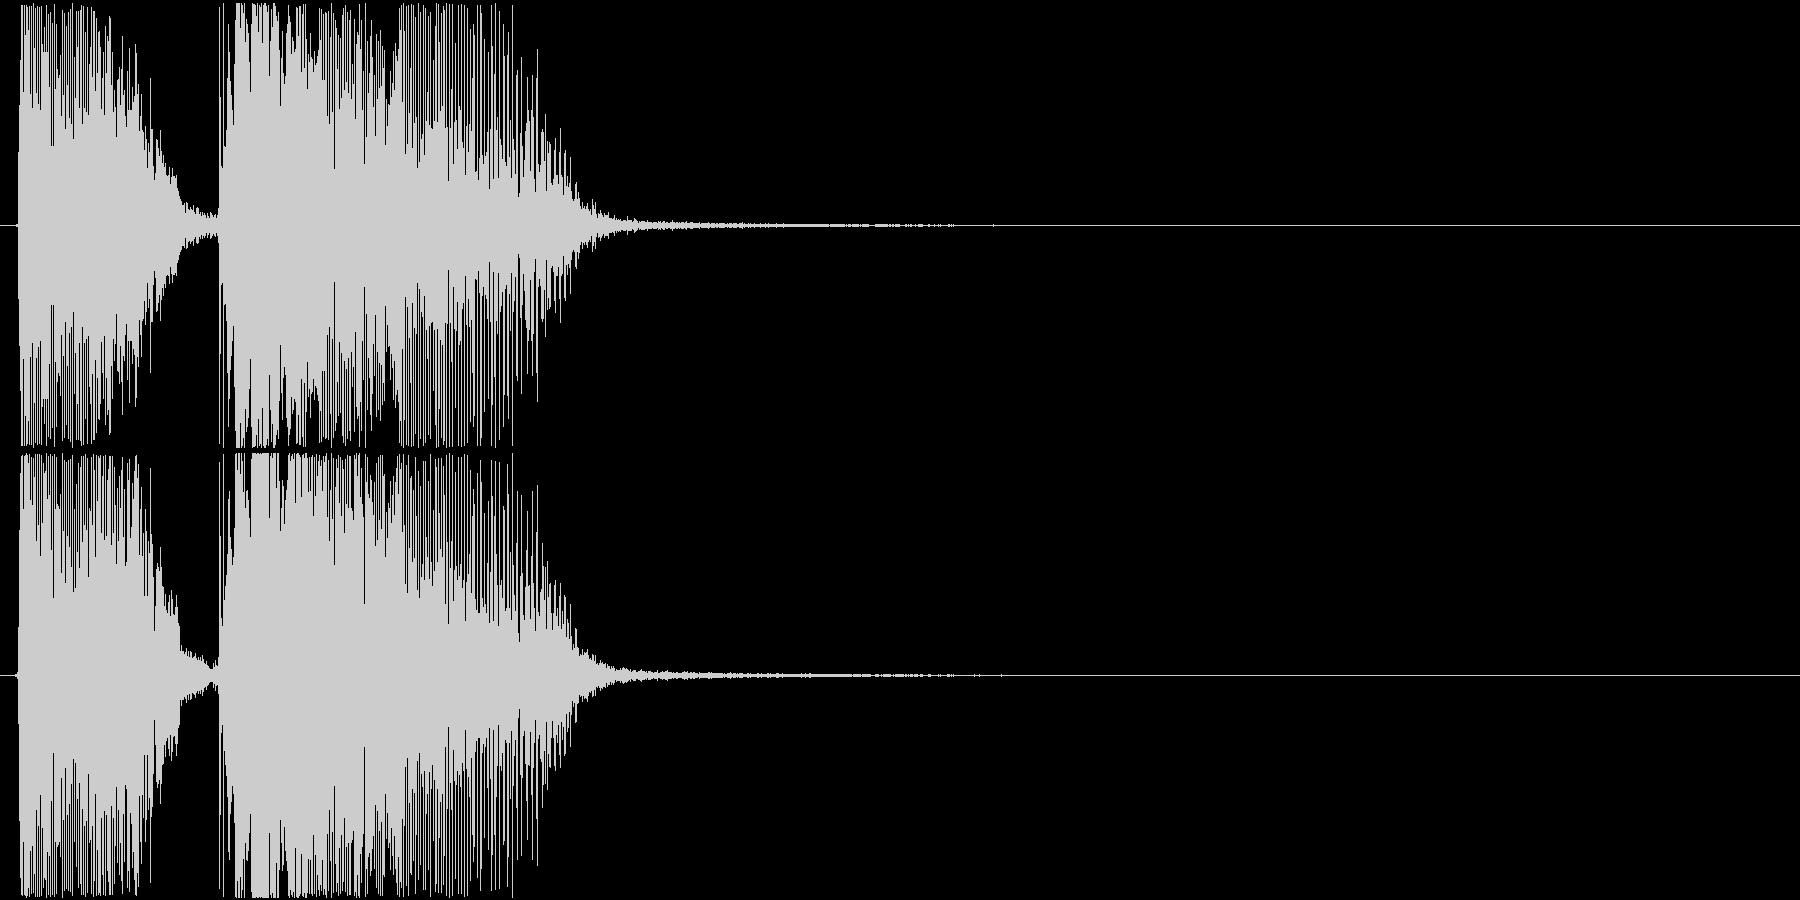 「オッケー!」ゲーム・アプリ用の未再生の波形